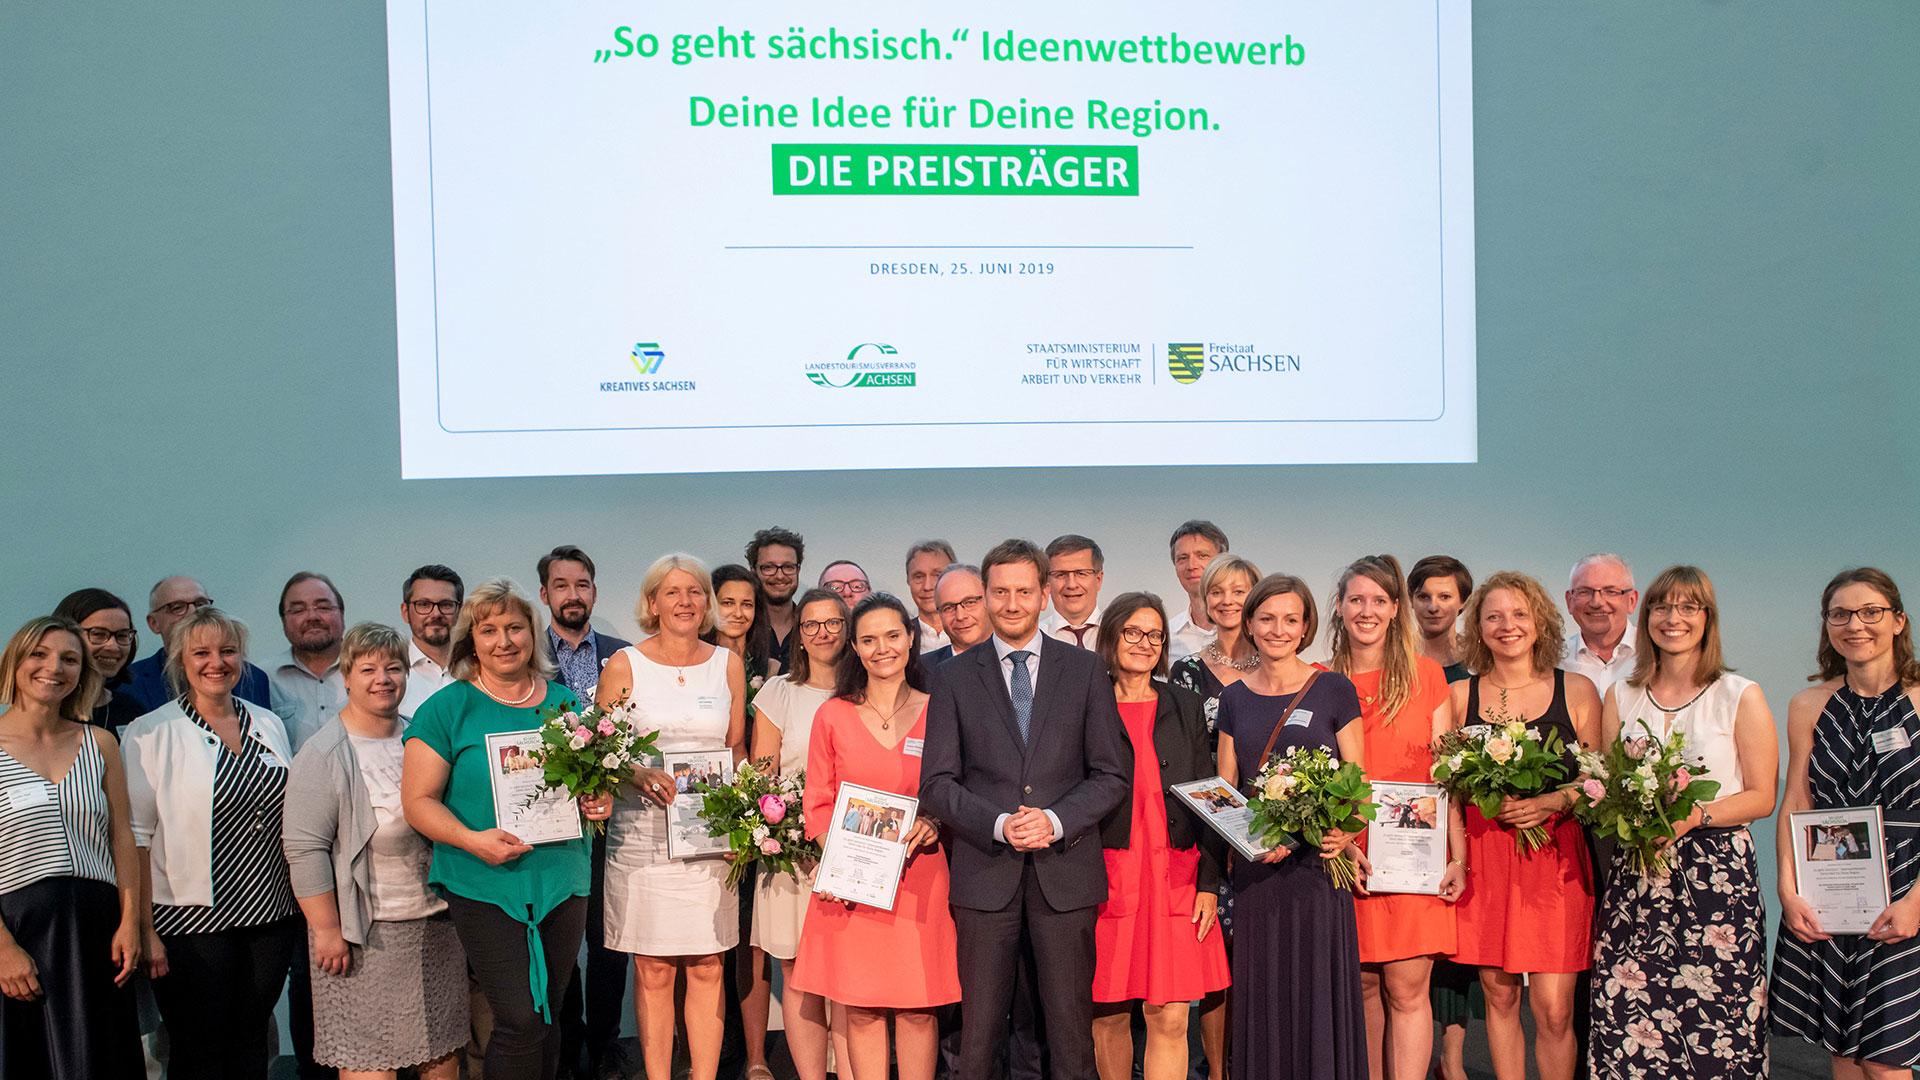 Preisverleihung-Ideenwettbewerb für den Tourismus in Sachsen